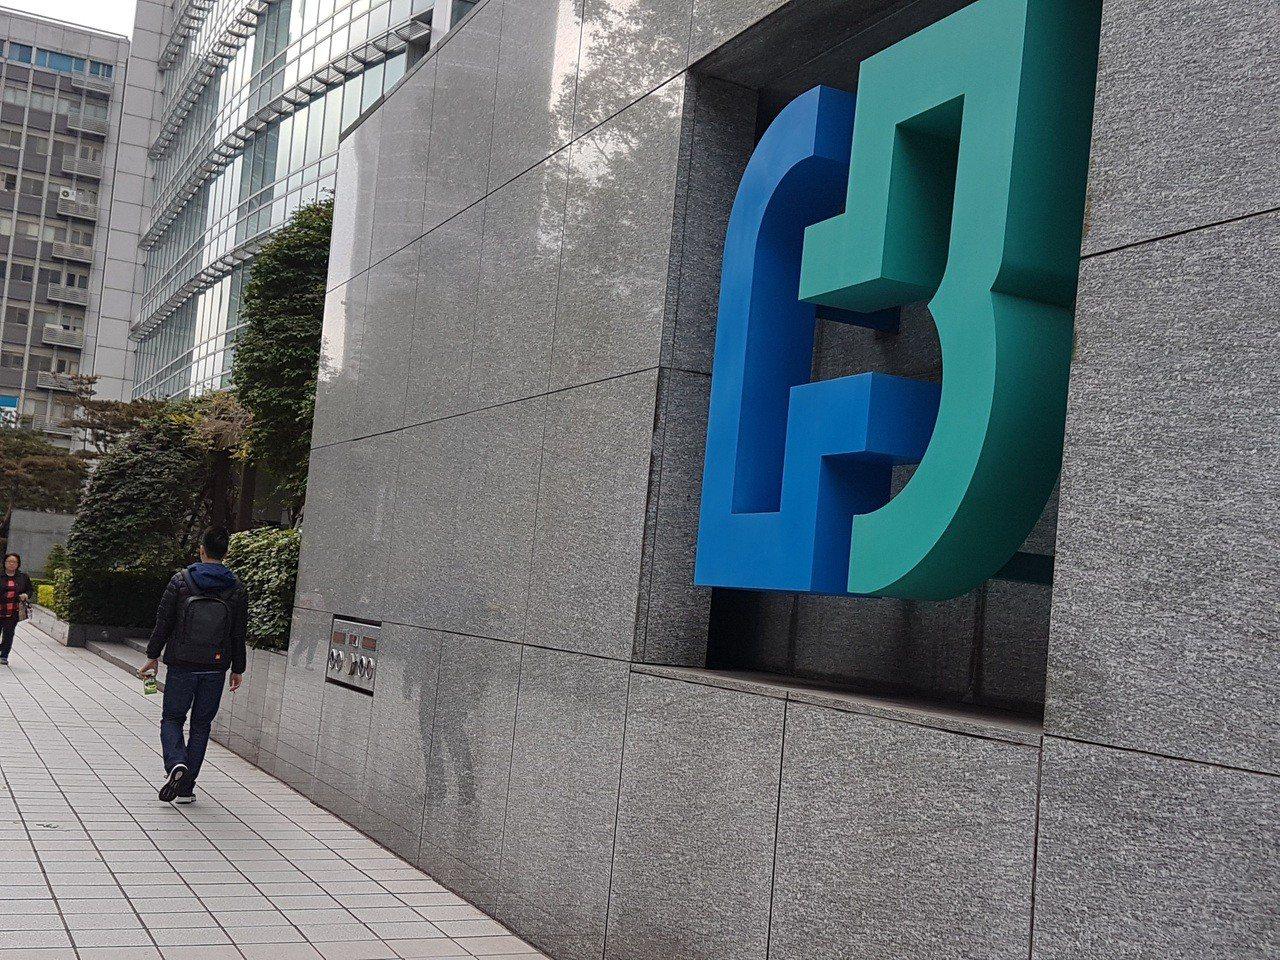 台北富邦銀行個金客群經營處有行員,將該行配發且已下載客戶資料的筆記型電腦攜帶外出...